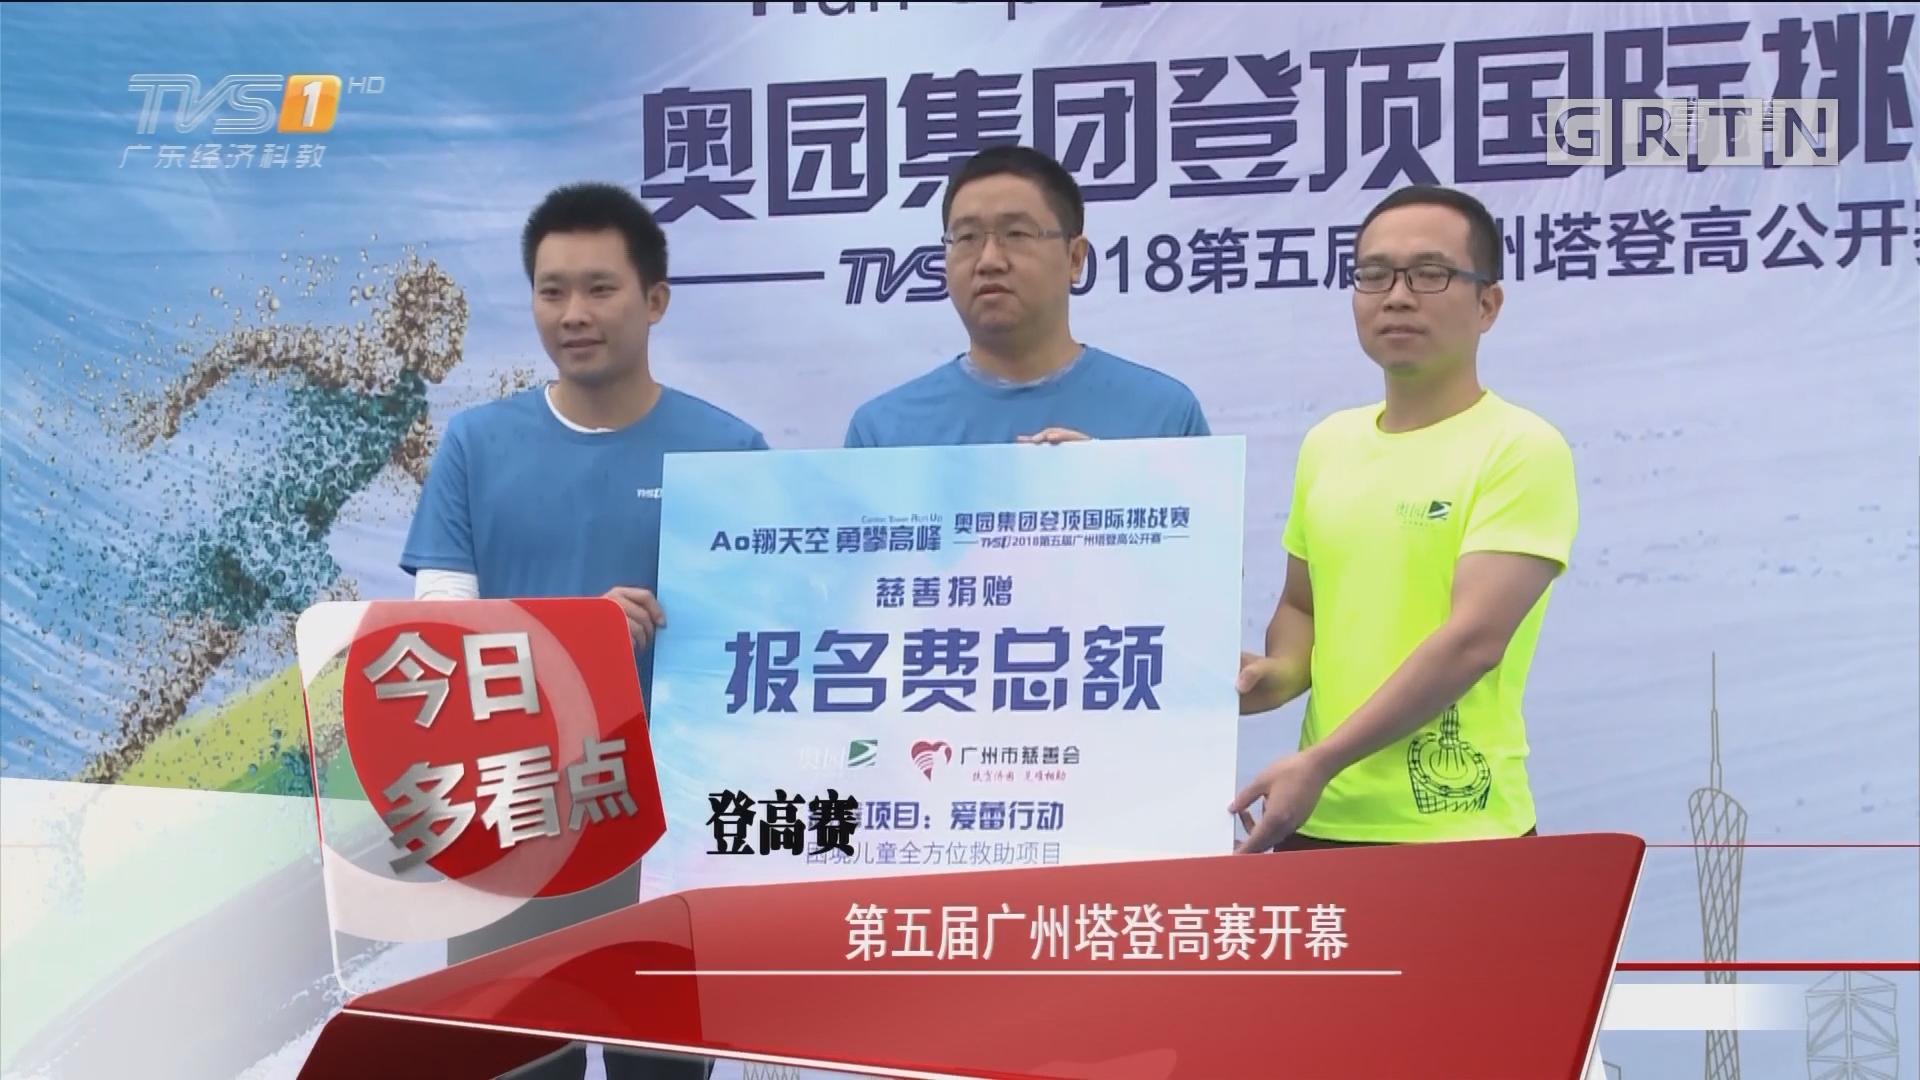 登高赛:第五届广州塔登高赛开幕